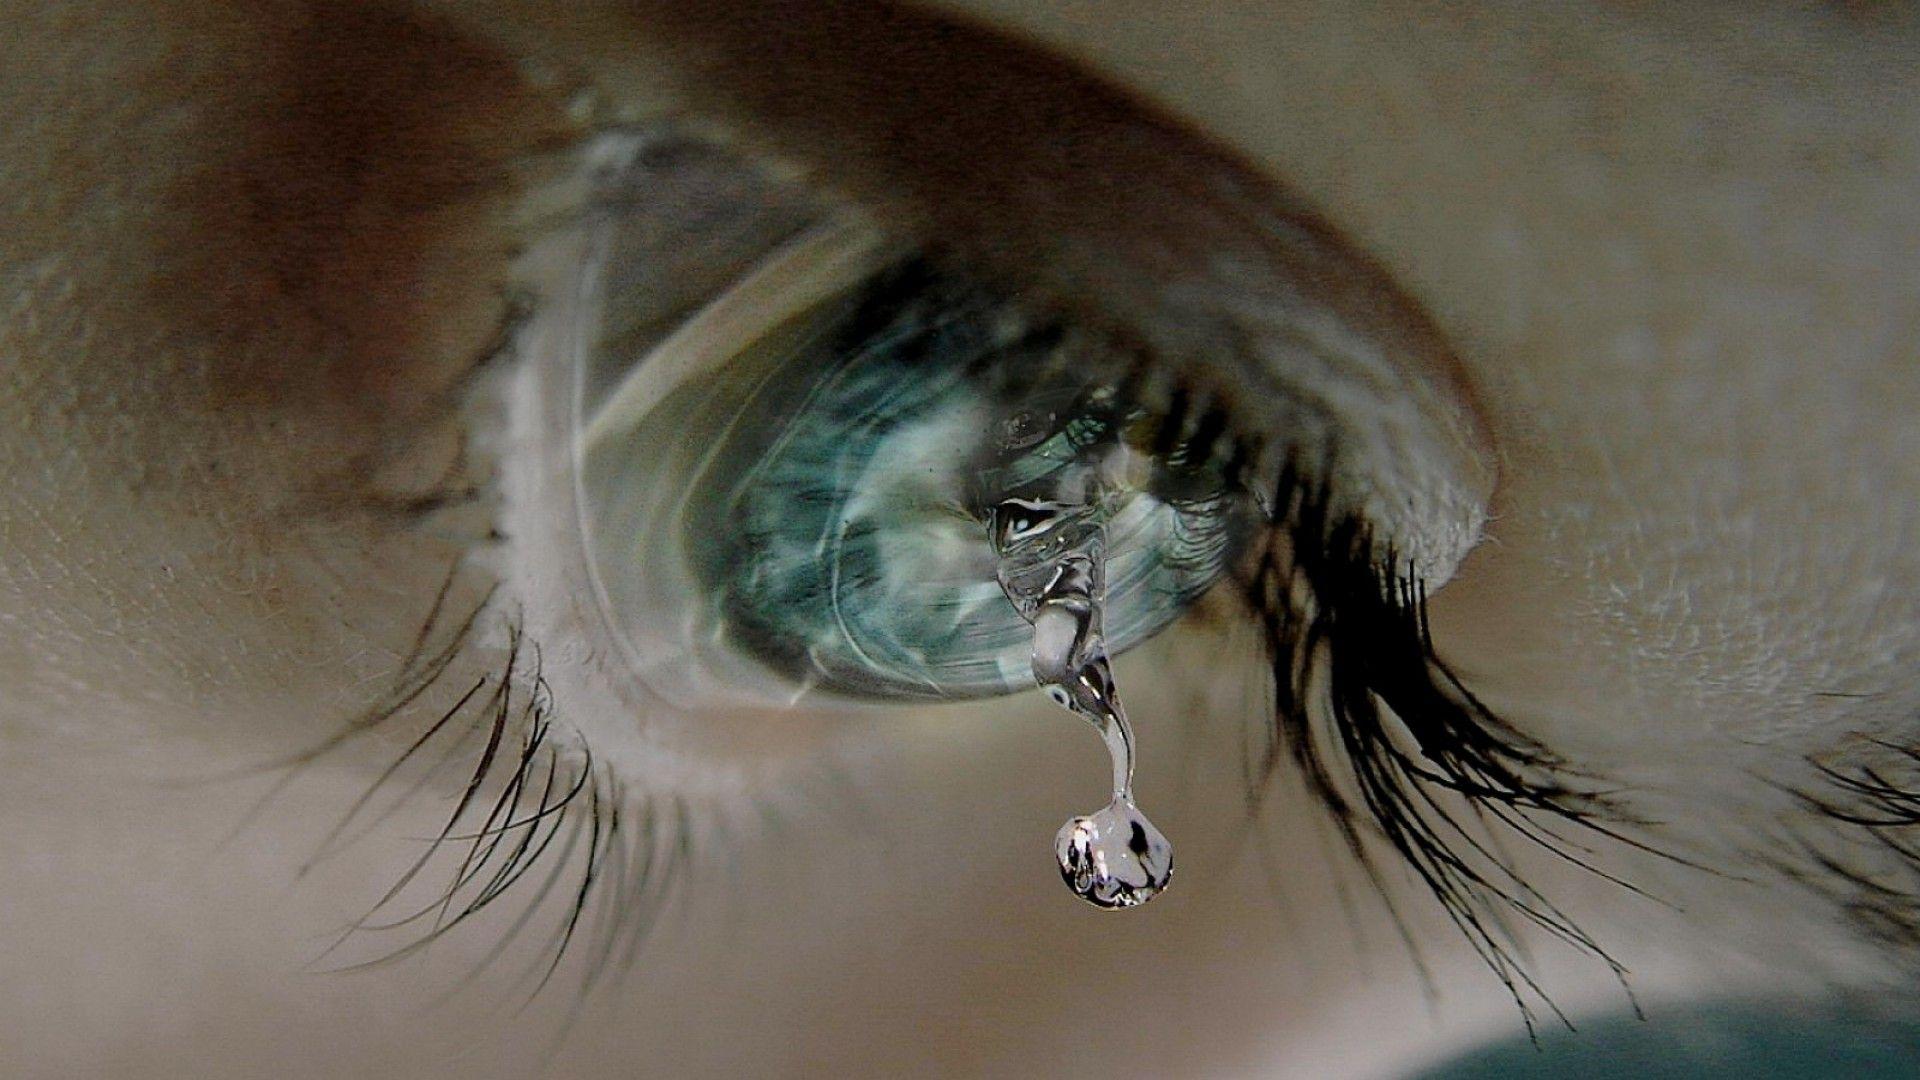 Hình nền đôi mắt buồn khóc thương